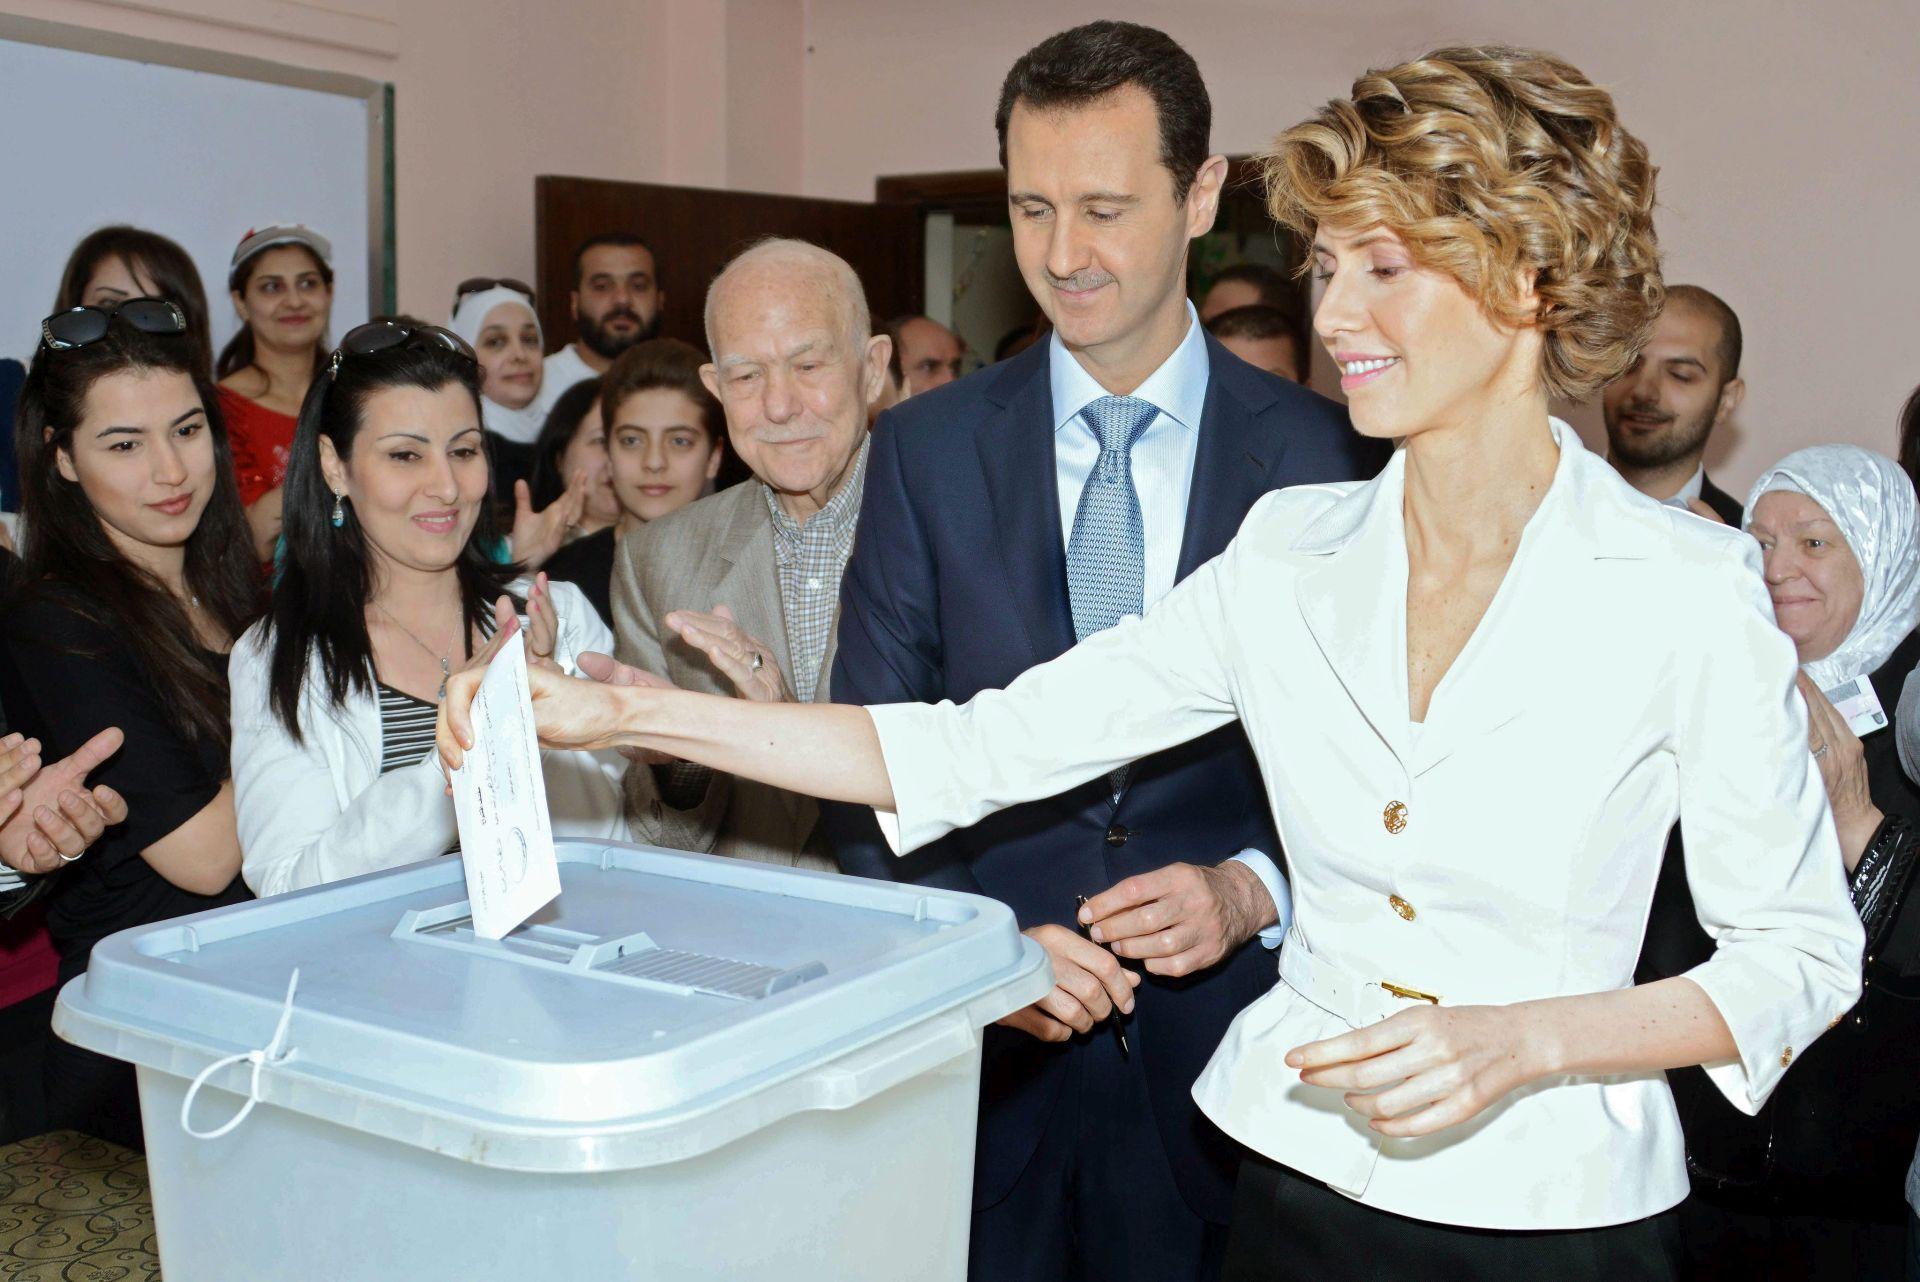 SUKOBI U SIRIJI: Asma al-Asad više puta odbacila ponude da napusti zemlju